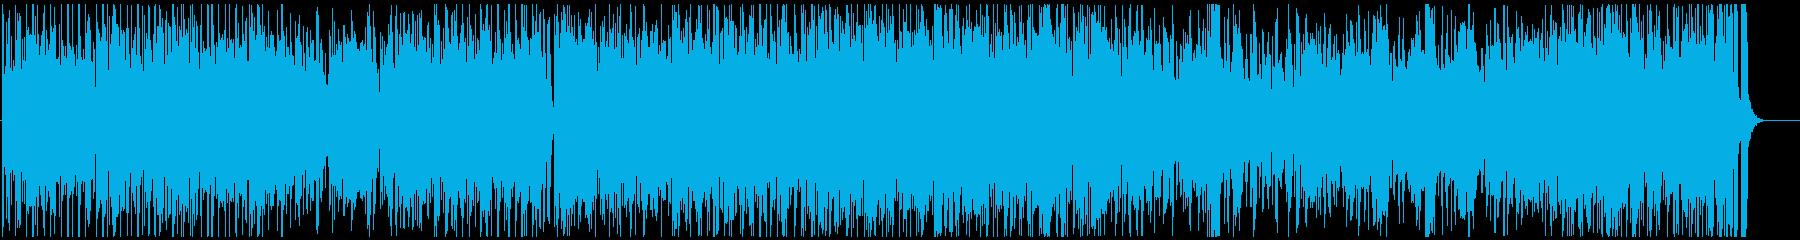 トロピカルなラテンジャズ フルートverの再生済みの波形